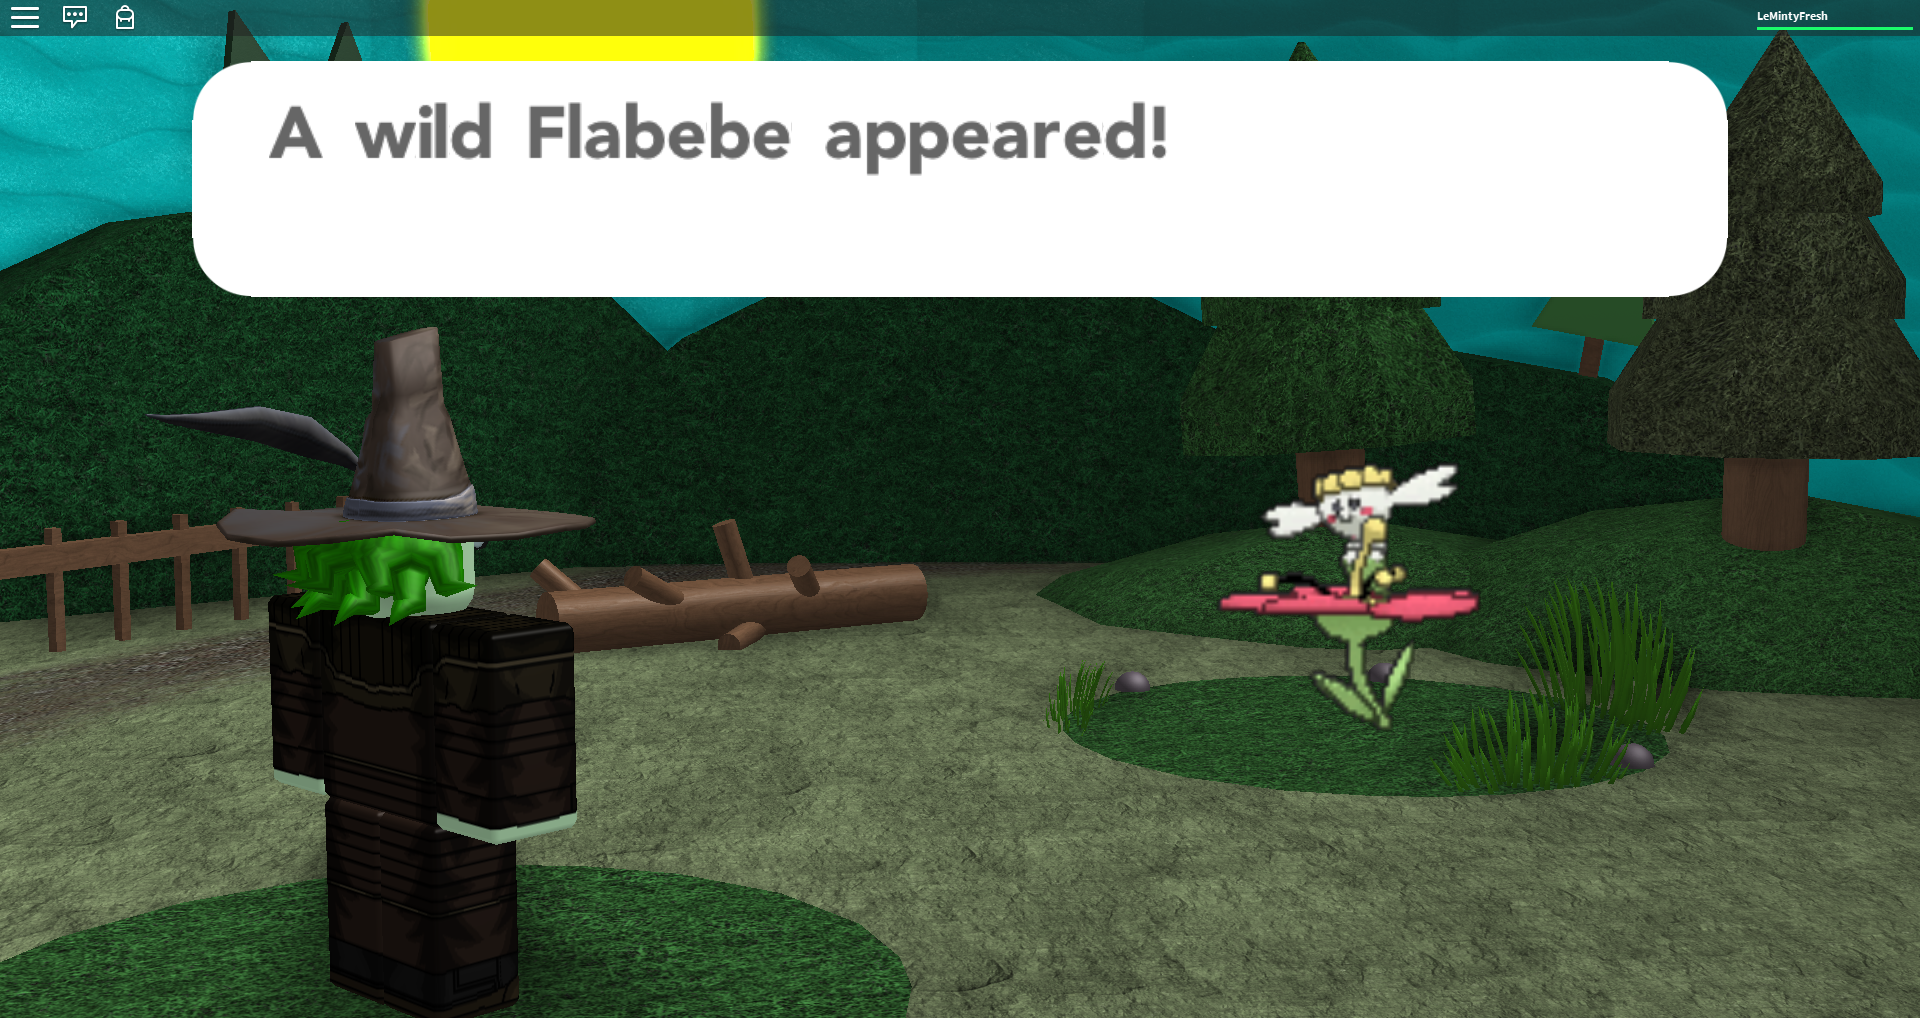 Flabebe | Pokemon BrickBronze Wikia | FANDOM powered by Wikia